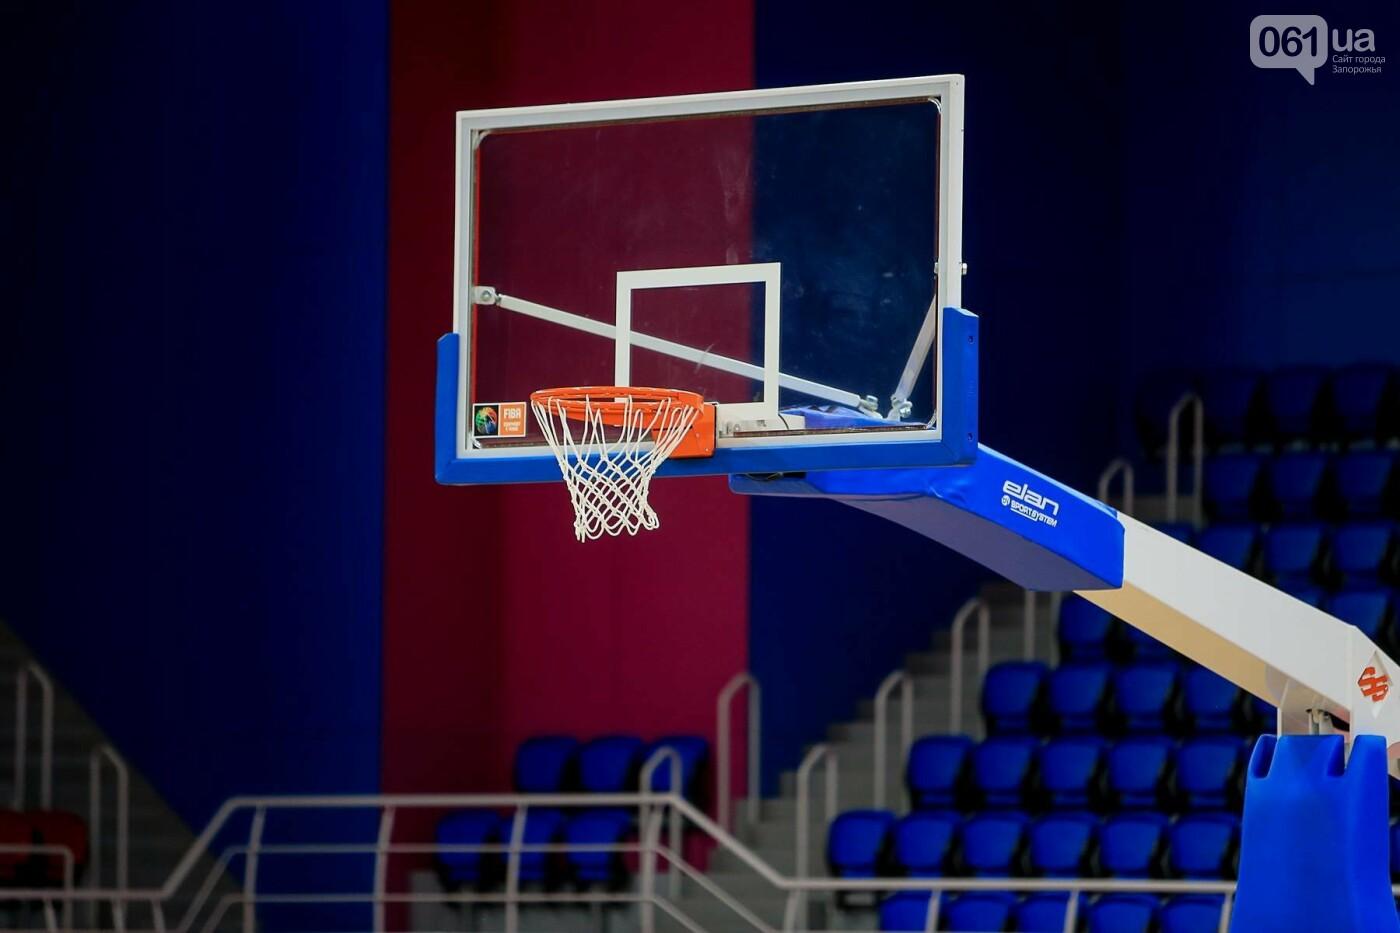 Представители Европейской гандбольной федерации проинспектировали запорожскую «Юность», - ФОТО, фото-11